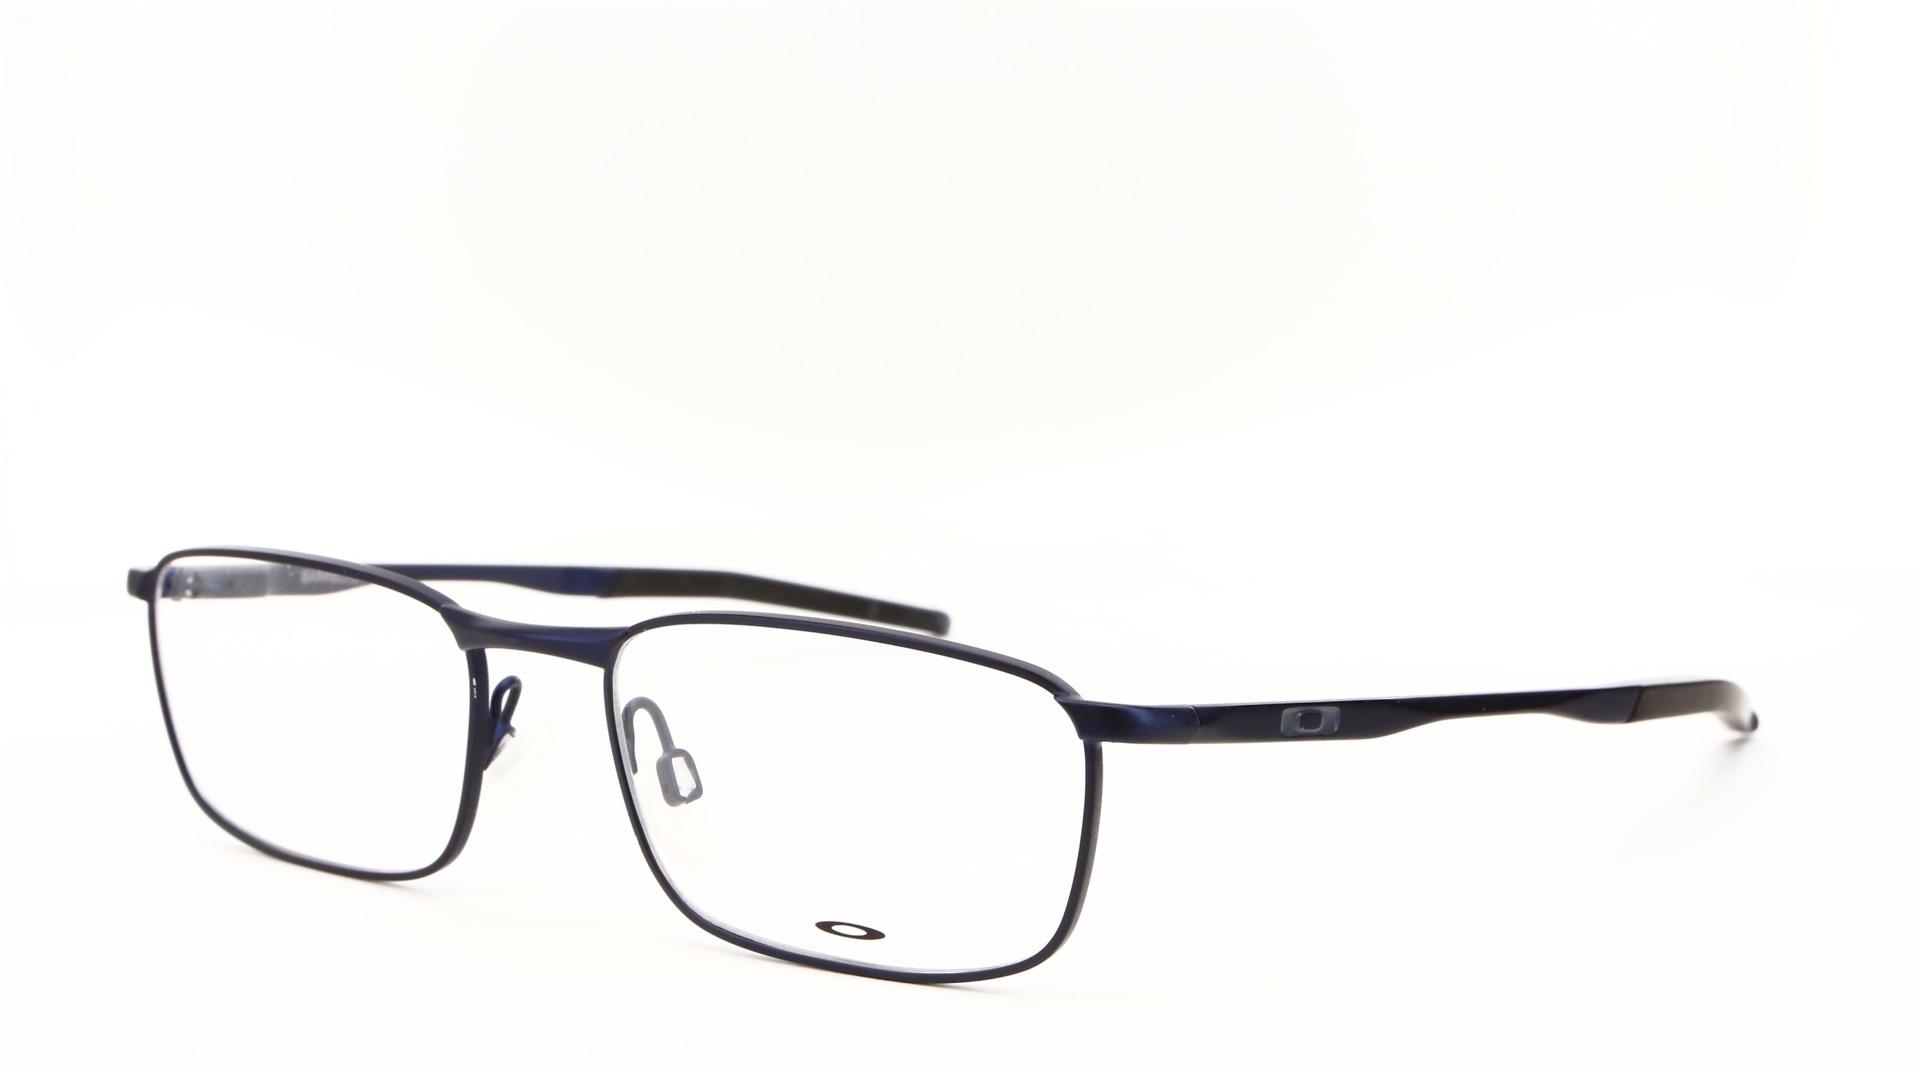 Oakley - ref: 70673